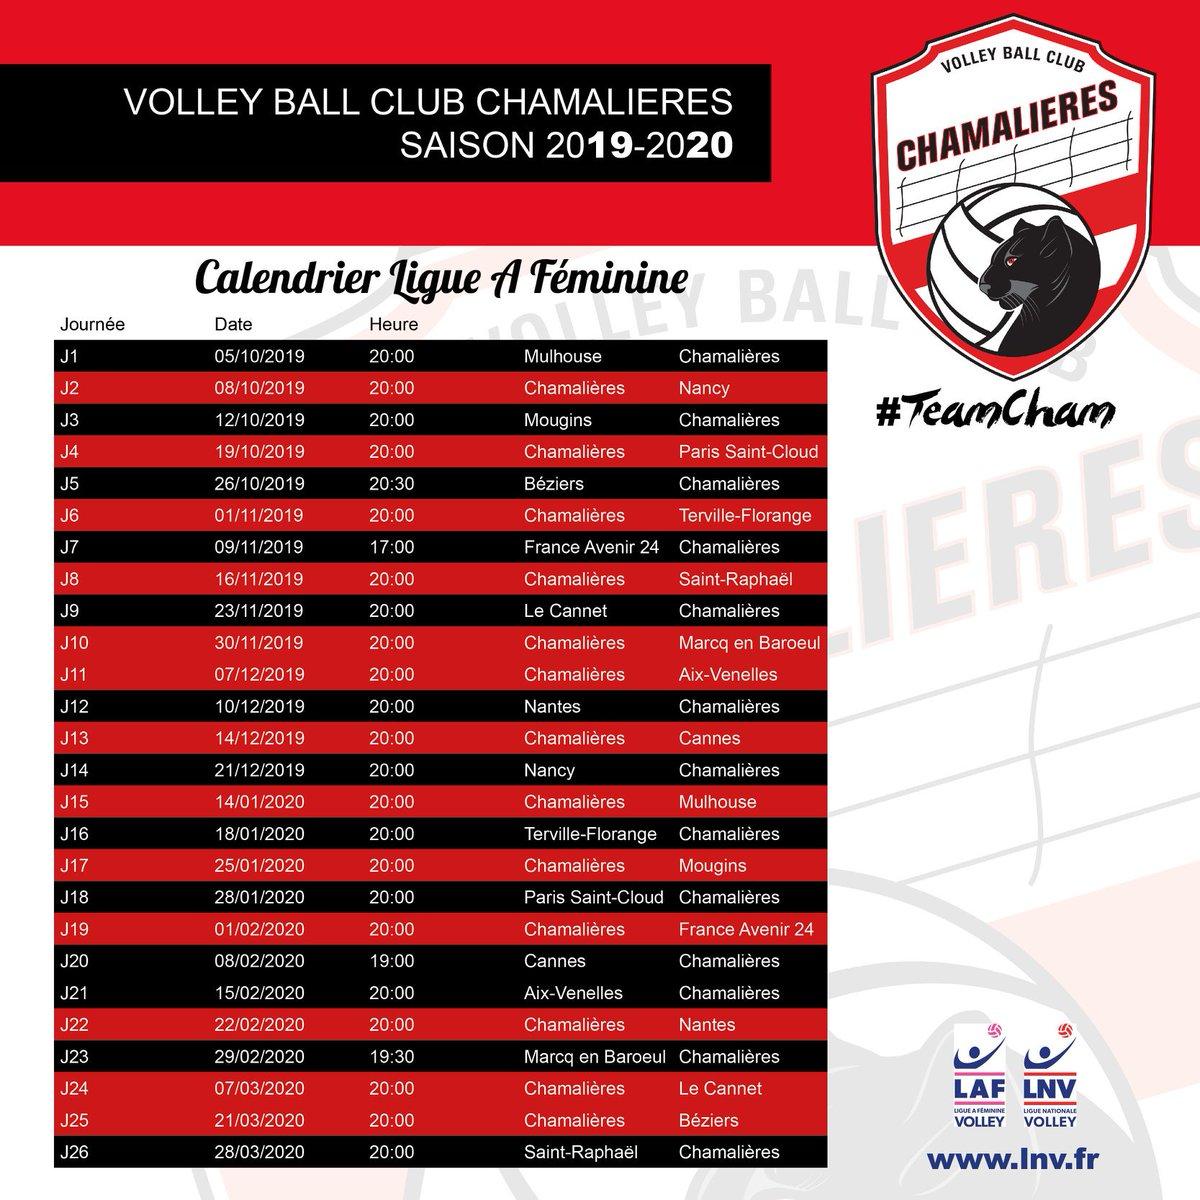 VBC Chamalières, saison 2019/20 D_q93R8WsAY8_XM